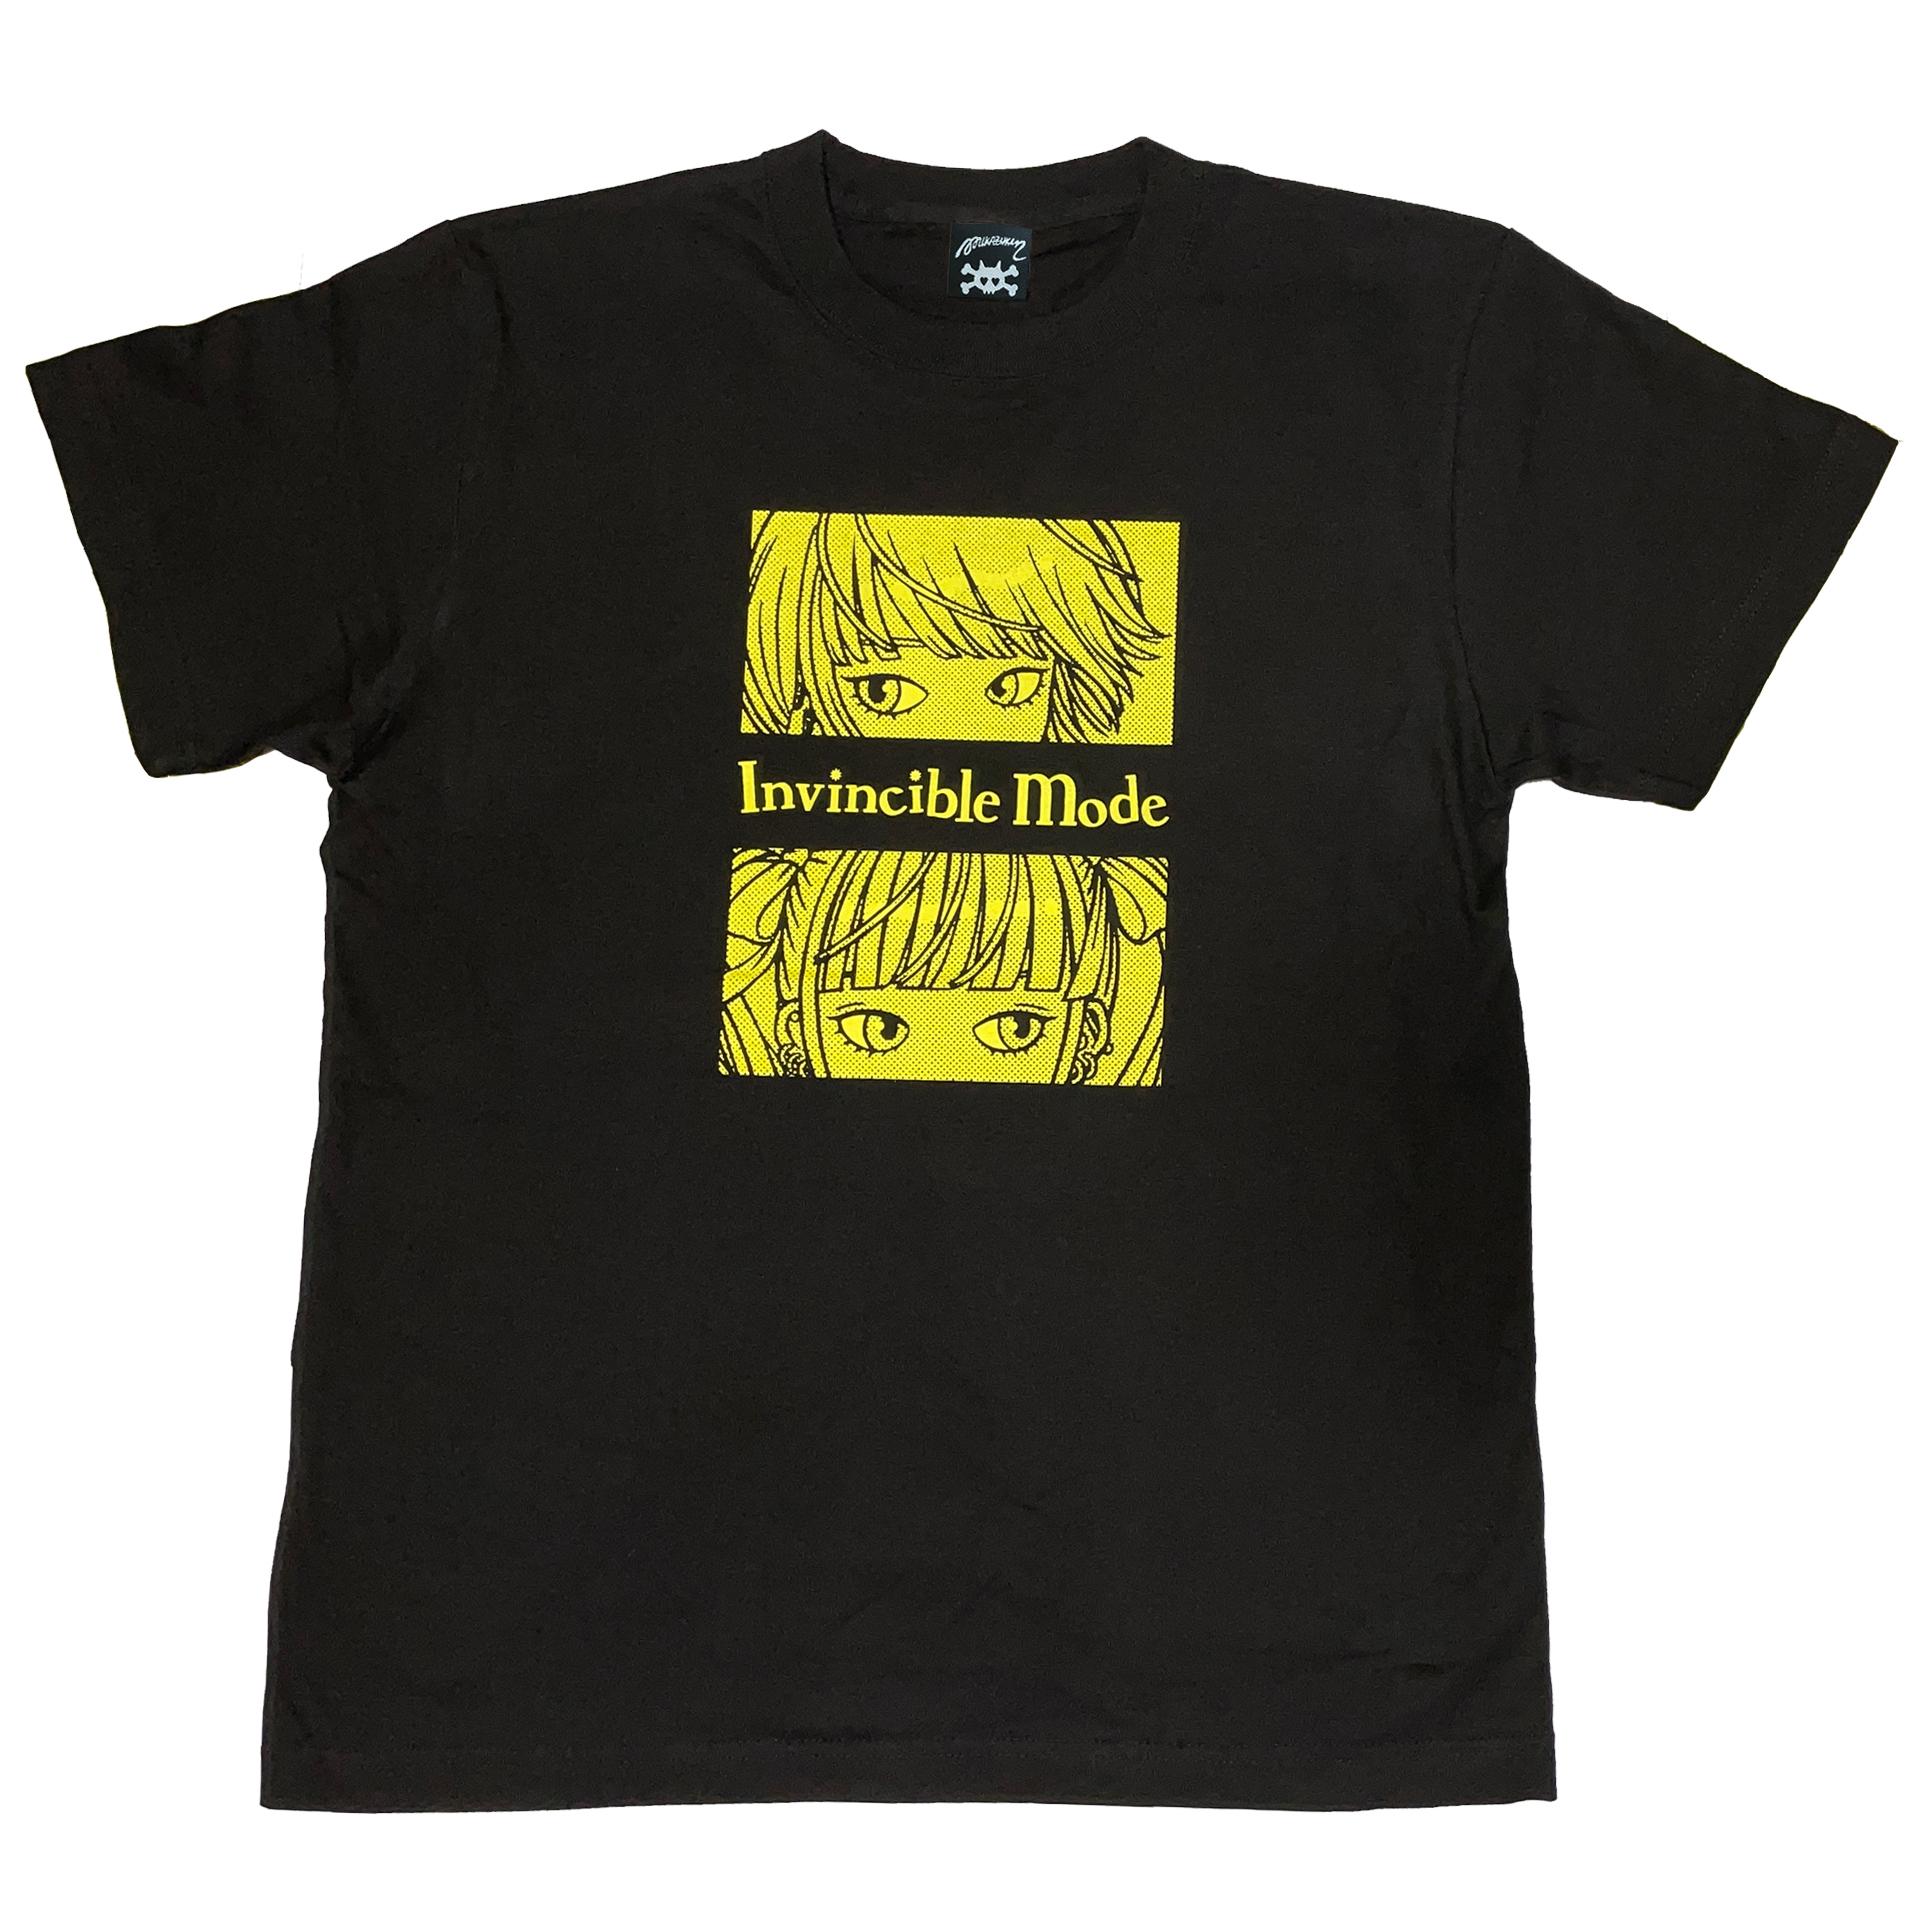 """"""" 無敵のミー """" Tシャツ black × yellow [ T-018]MIKAZUKI / ミカヅキ"""